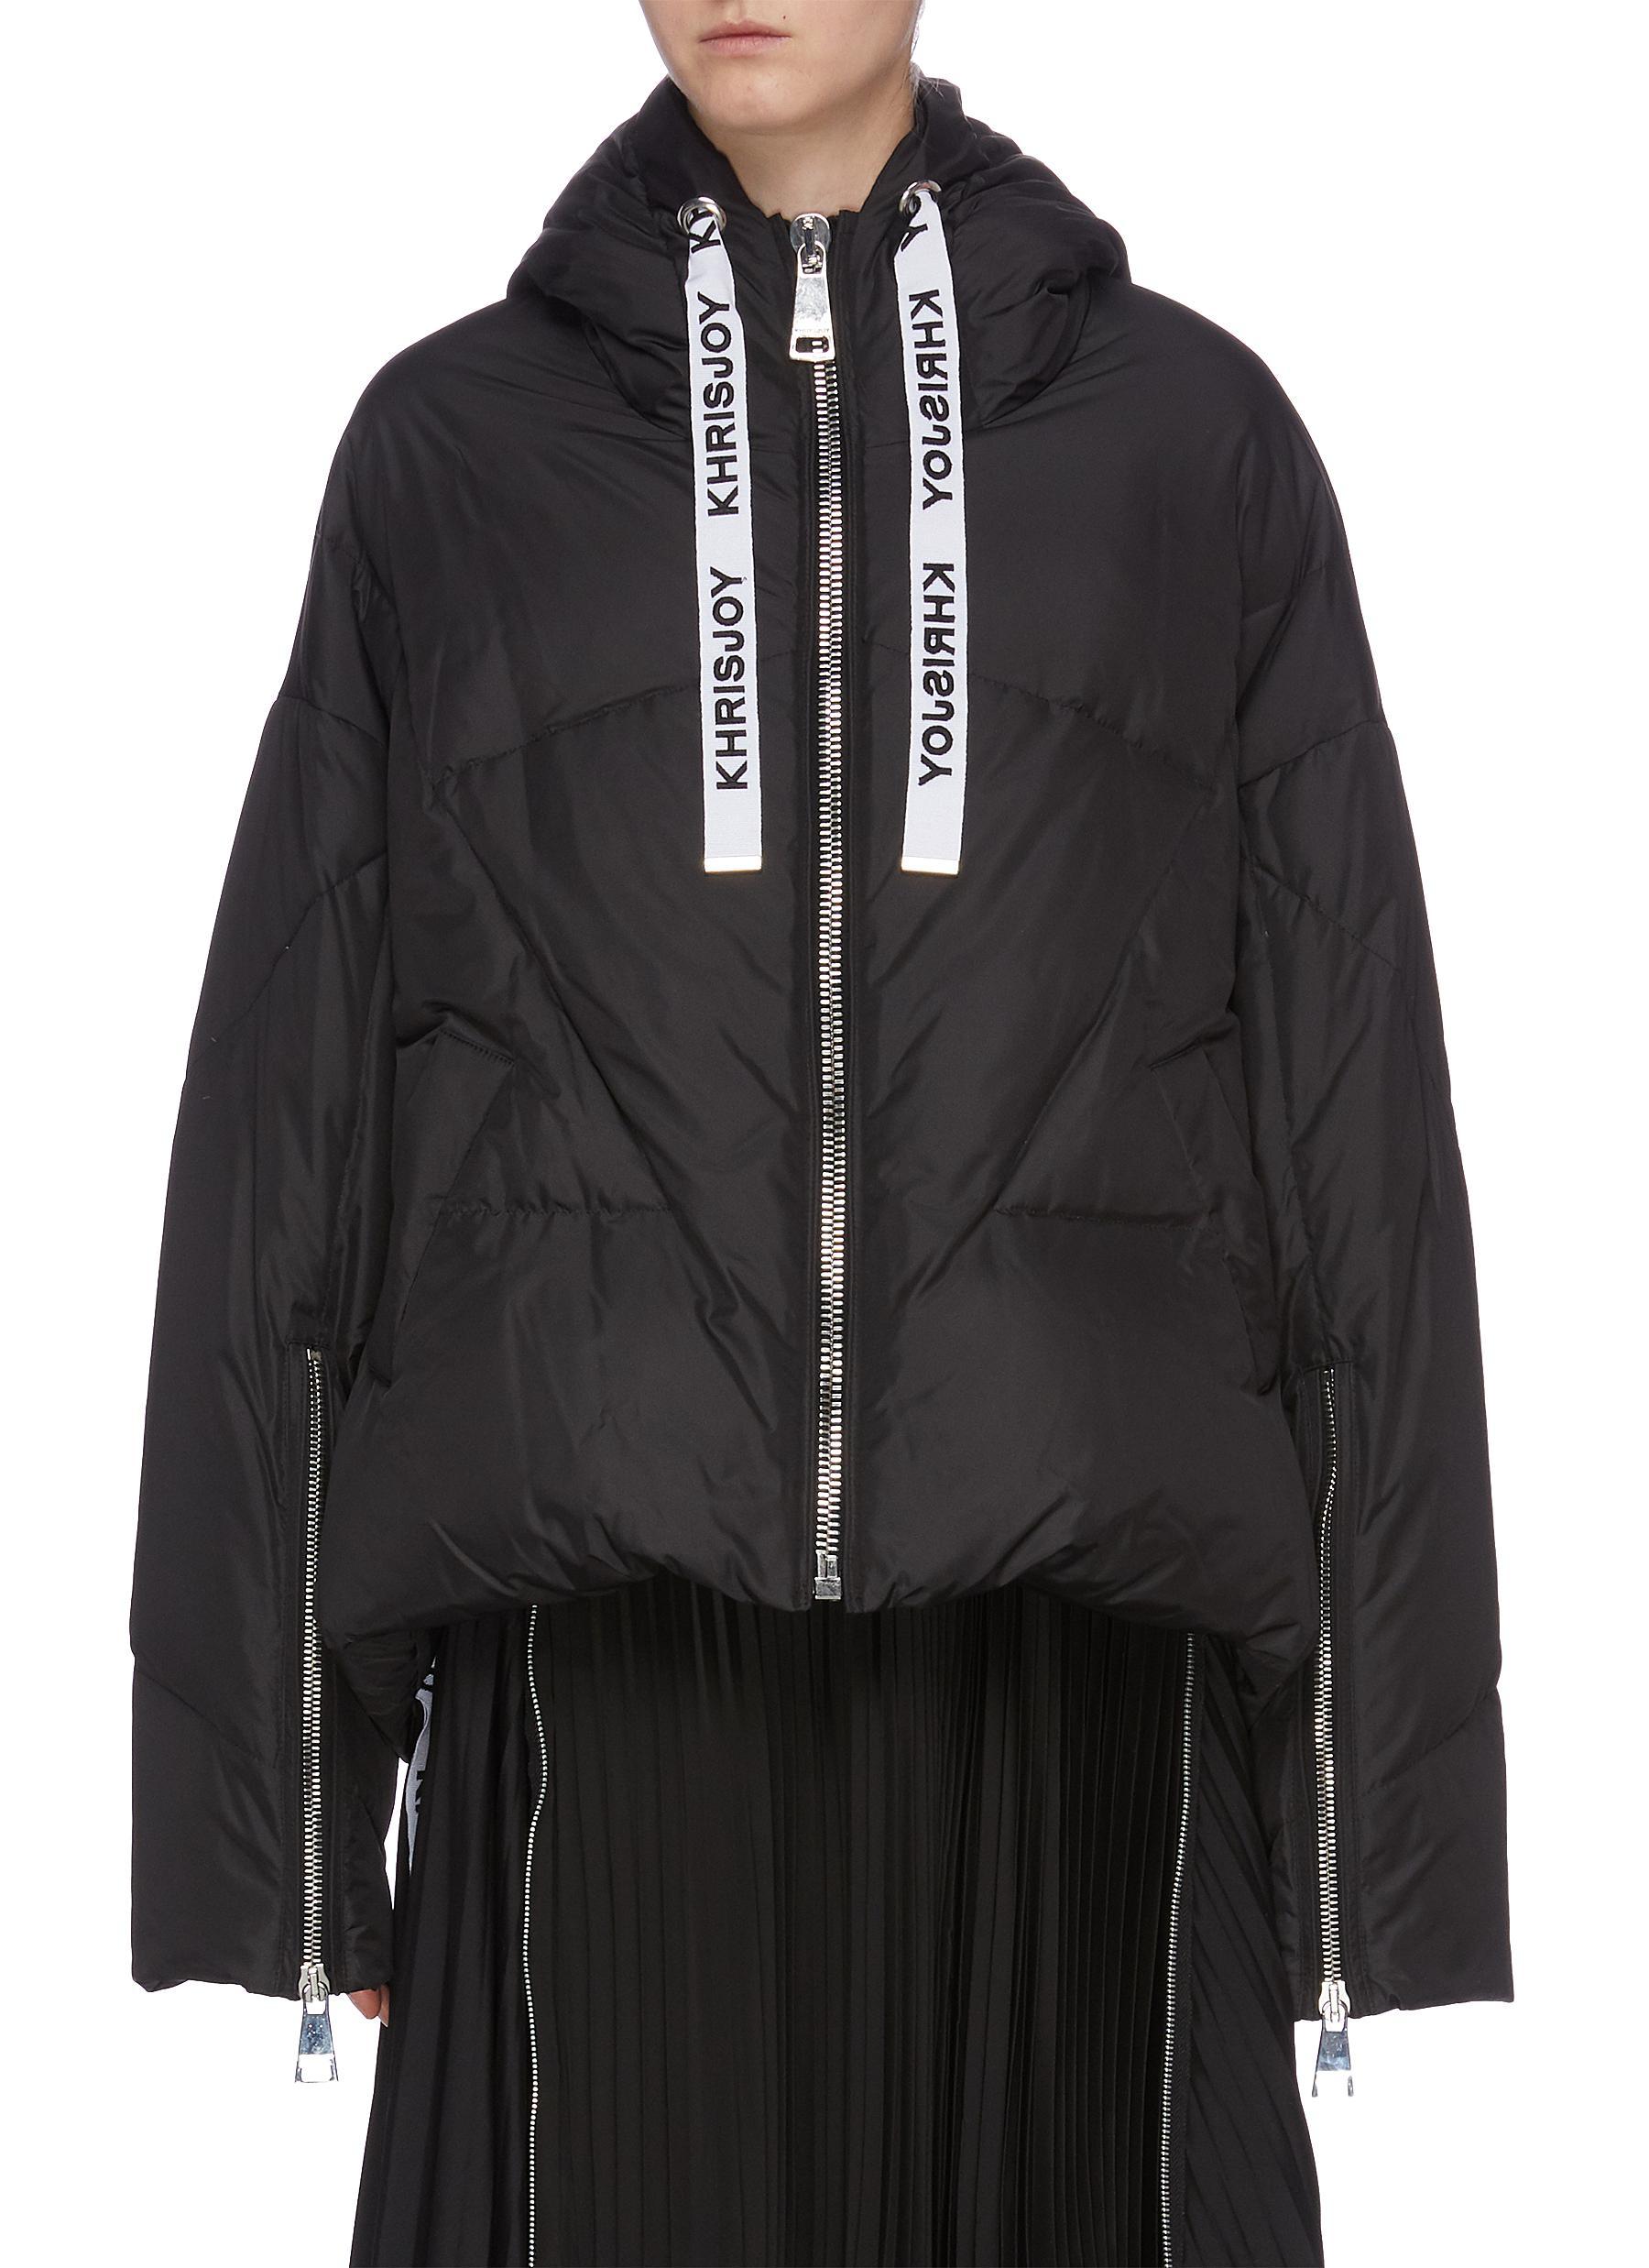 Hooded zip cuff down puffer jacket by Khrisjoy